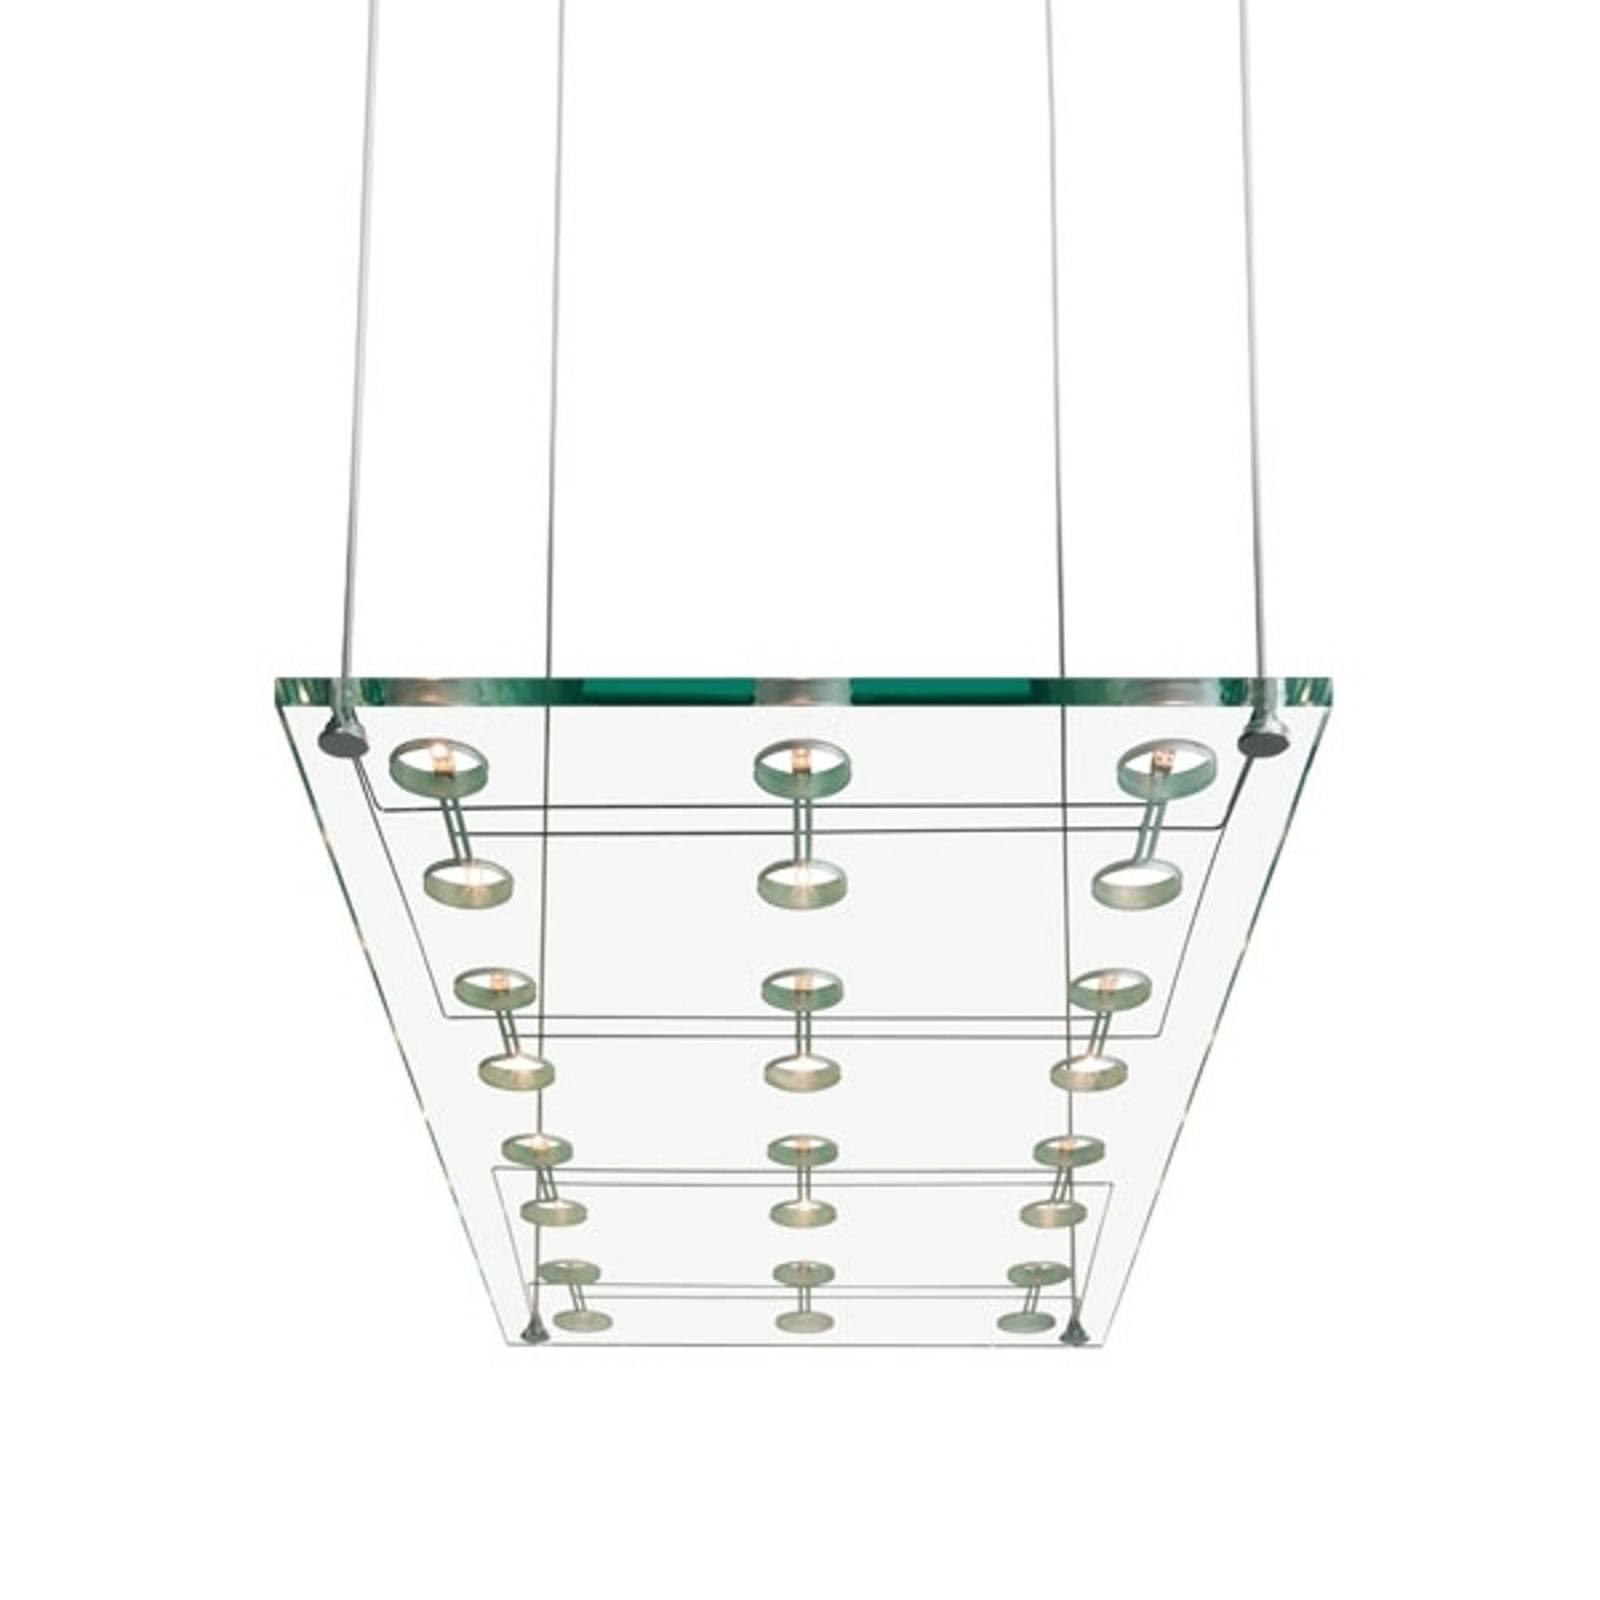 Szlachetna designerska lampa wisząca SOSPESA szkło